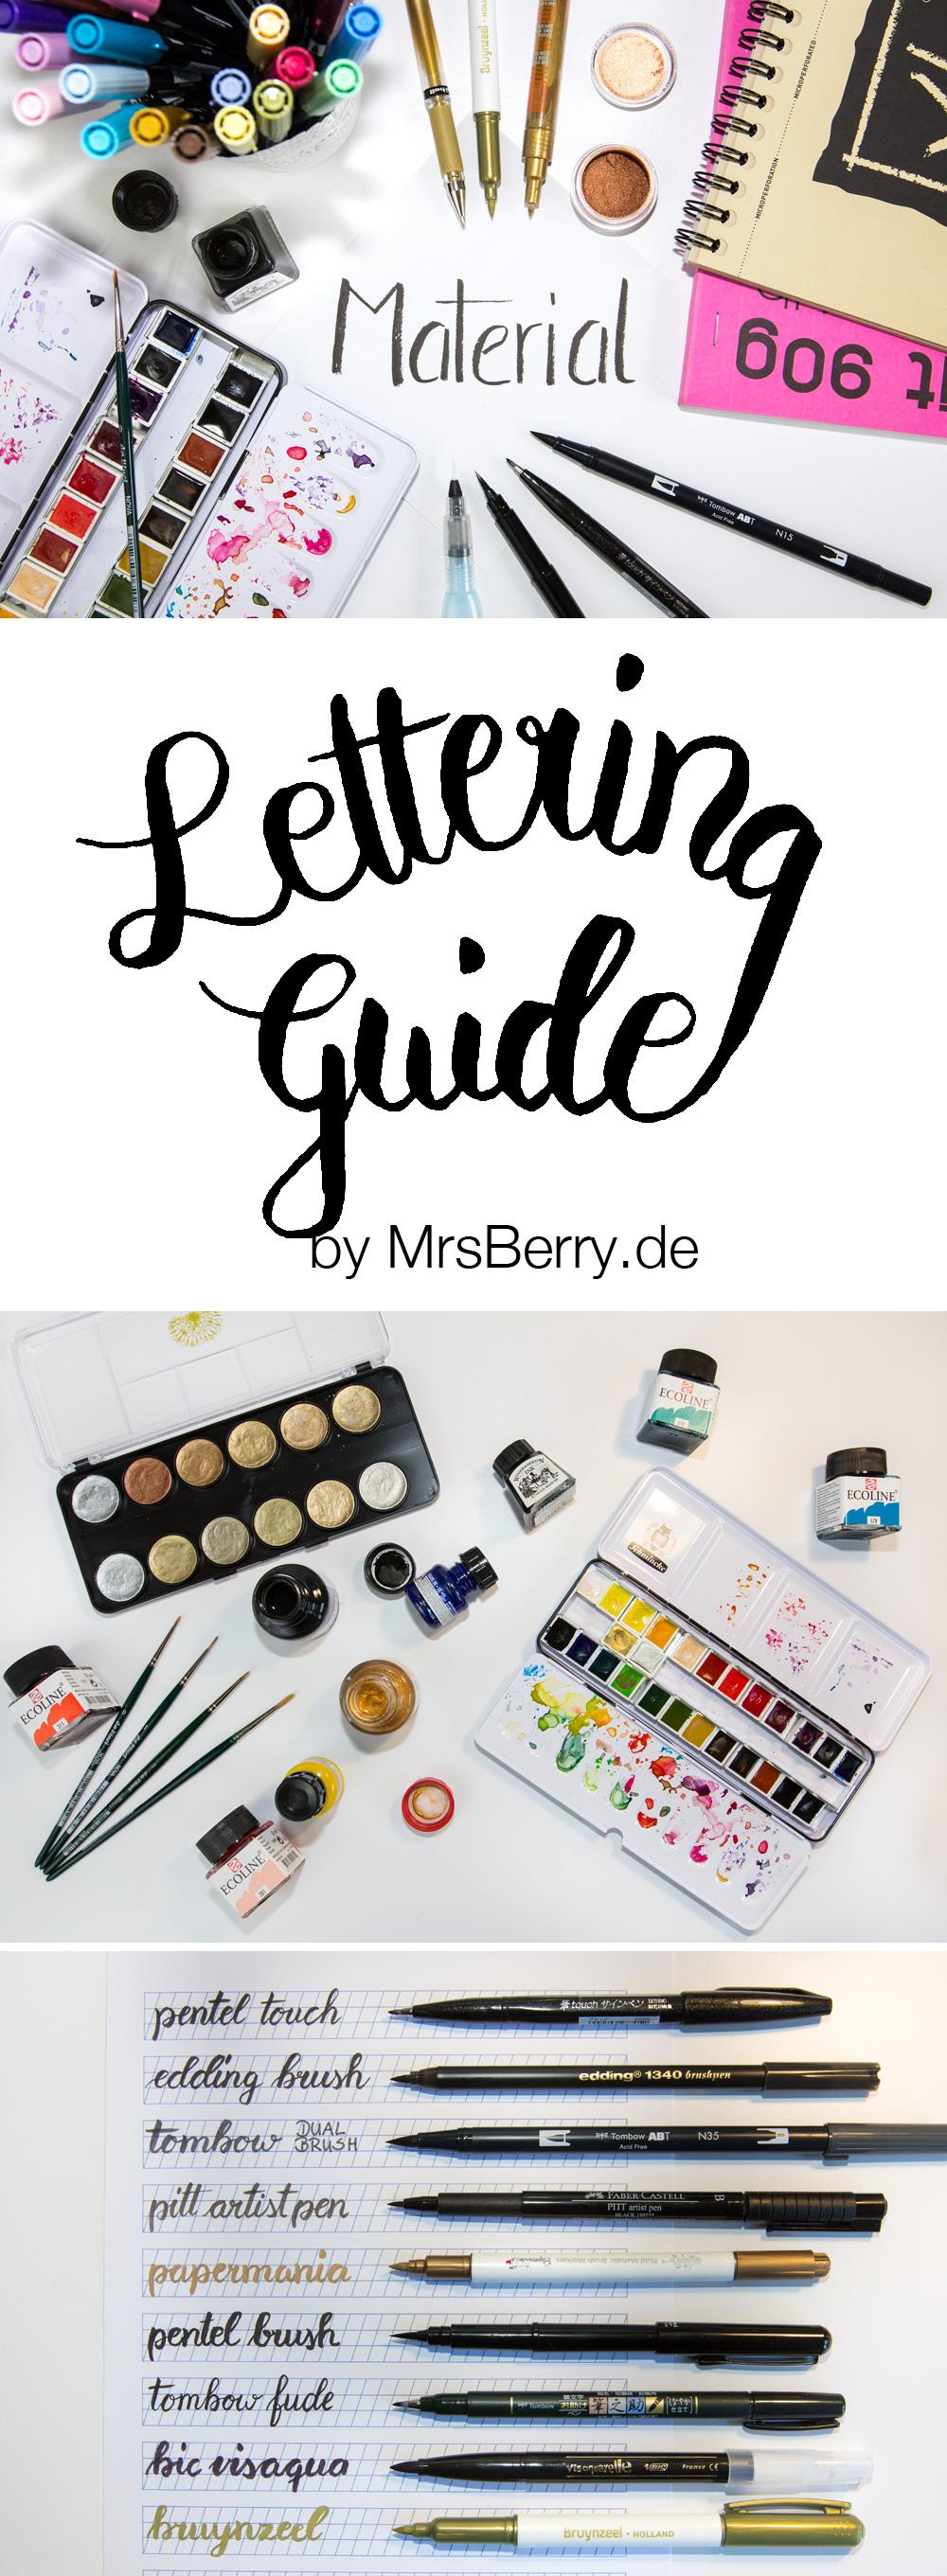 MrsBerry Lettering Guide - Material Tipps & Tricks zu Handlettering und Brushlettering